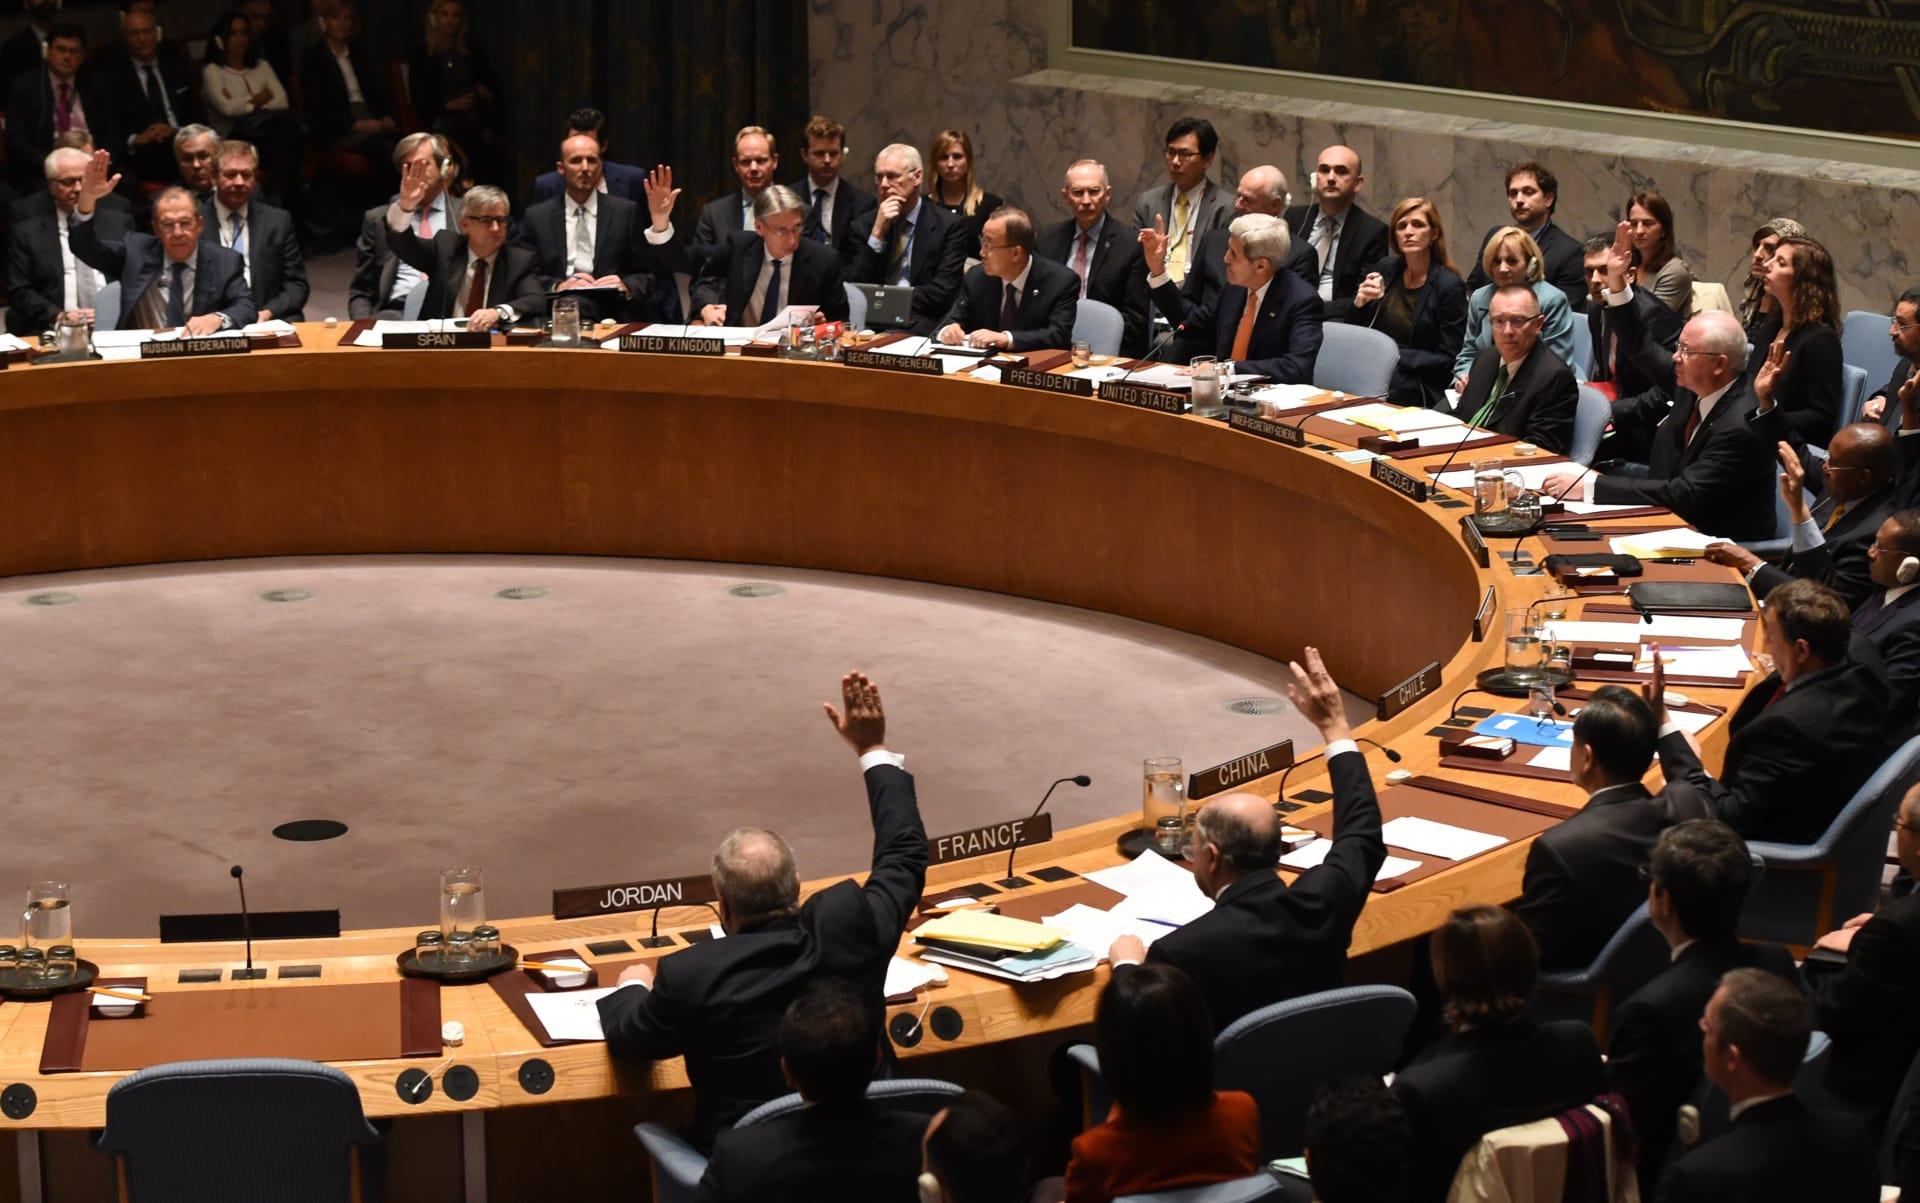 مجلس الأمن يصدر قرارا بدعم الاتفاق السياسي الليبي